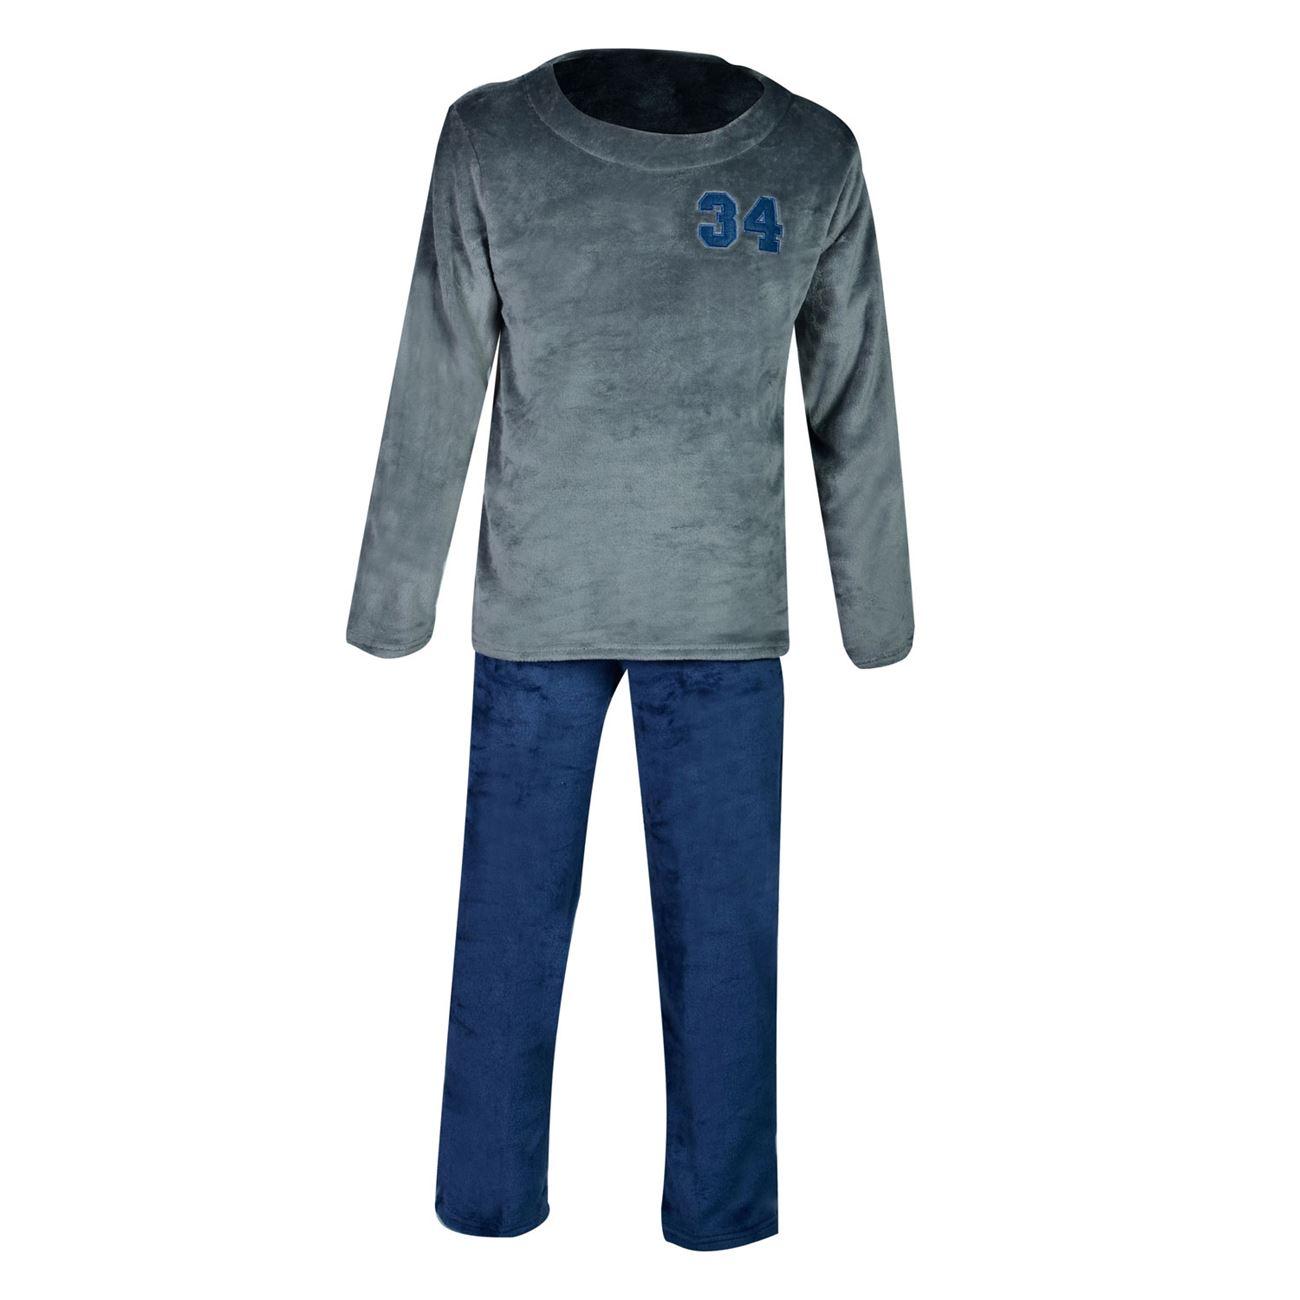 Πυτζάμες Ανδρικές Fleece Μπλε Ανθρακί   Σετ Πυτζάμες Ανδρικές Fleece ... e129ab2b760